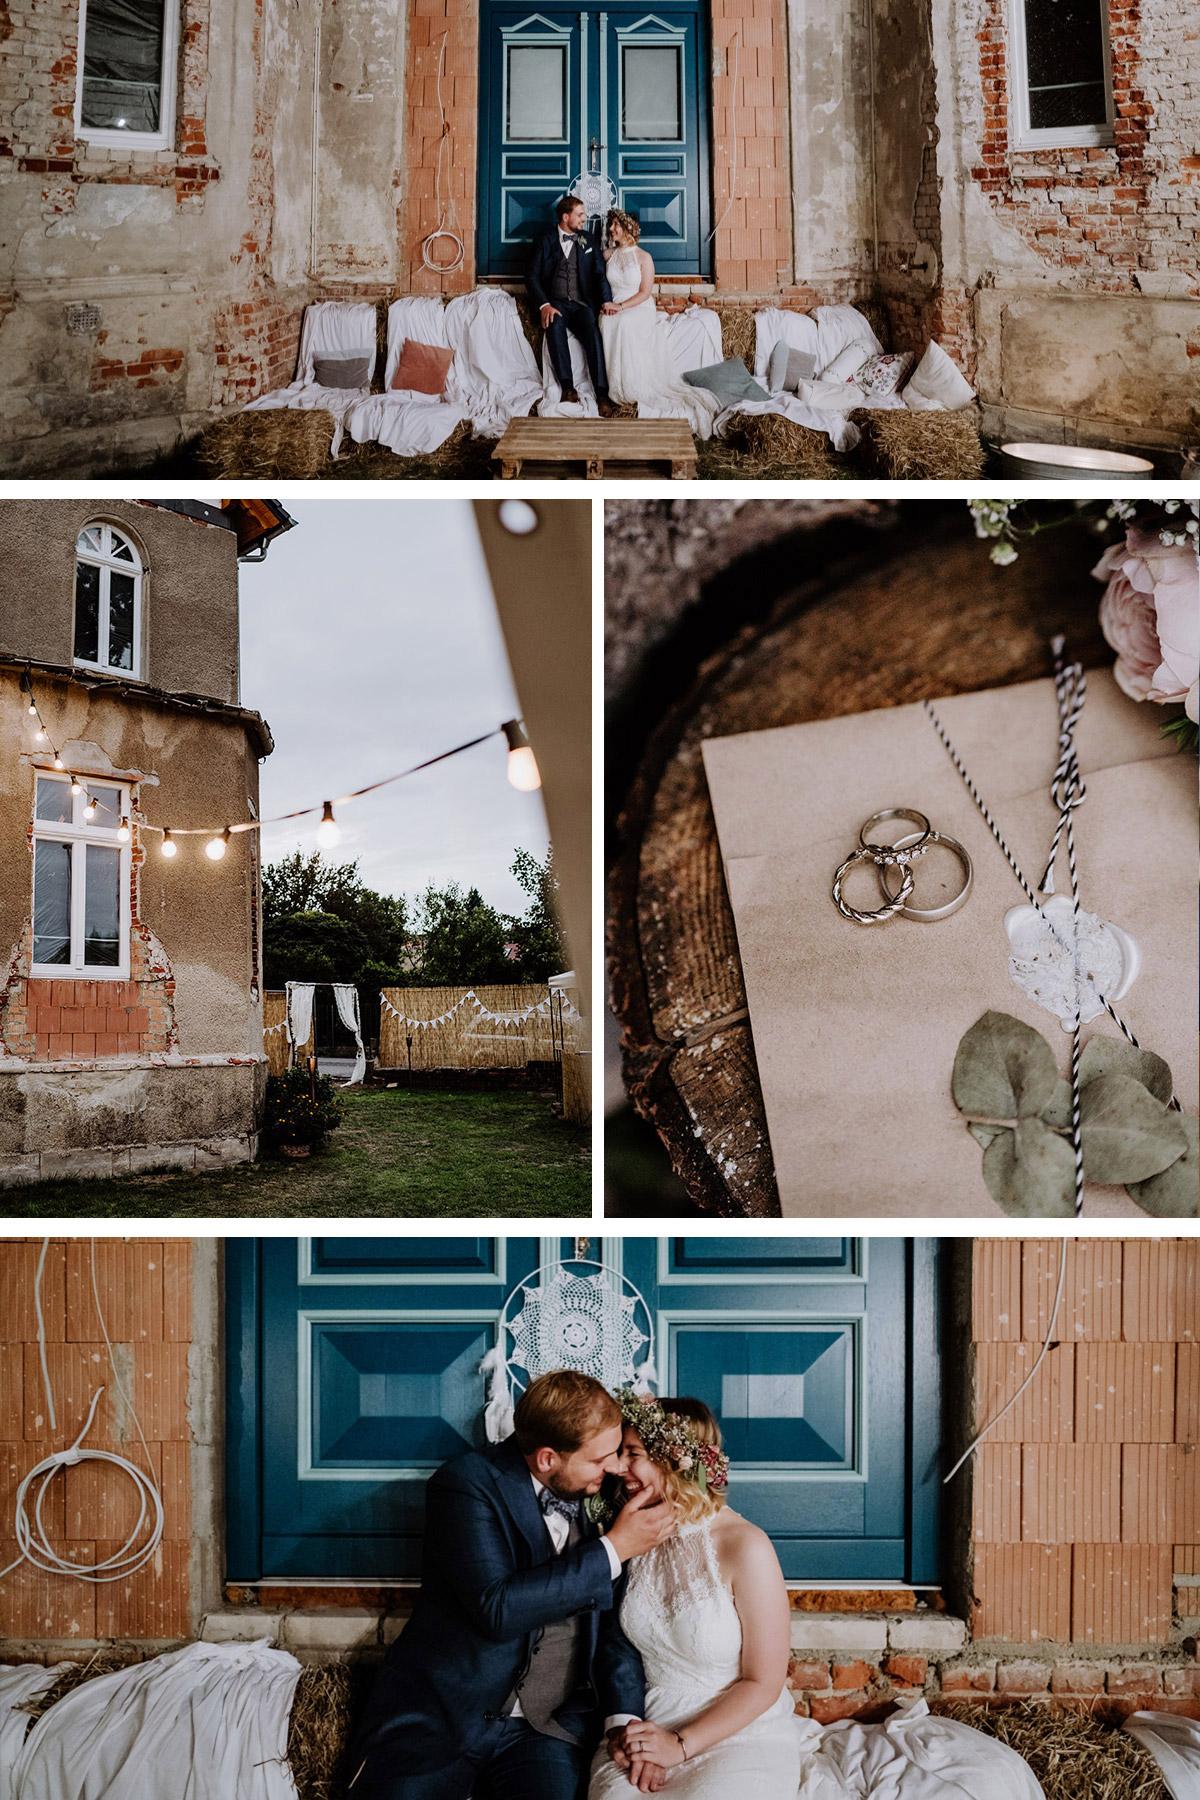 Garten Hochzeit Deko: Hochzeitsfeier draußen im boho Stil mit vintage Elementen; Brautpaar sitzt in DIY-Sitzlounge aus Heuballen auf denen weiße Decken liegen; Beleuchtung von Lichterketten; Hochzeitsringe in Weißgold mit Steinen auf DIY-Einladung zur Gartenhochzeit; weiße Traumfänger #DIY-Hochzeitsdeko zuhause im Garten von Hochzeitsfotografin aus Berlin #hochzeitslicht © www.hochzeitslicht.de #gartenfeier #gartenhochzeit